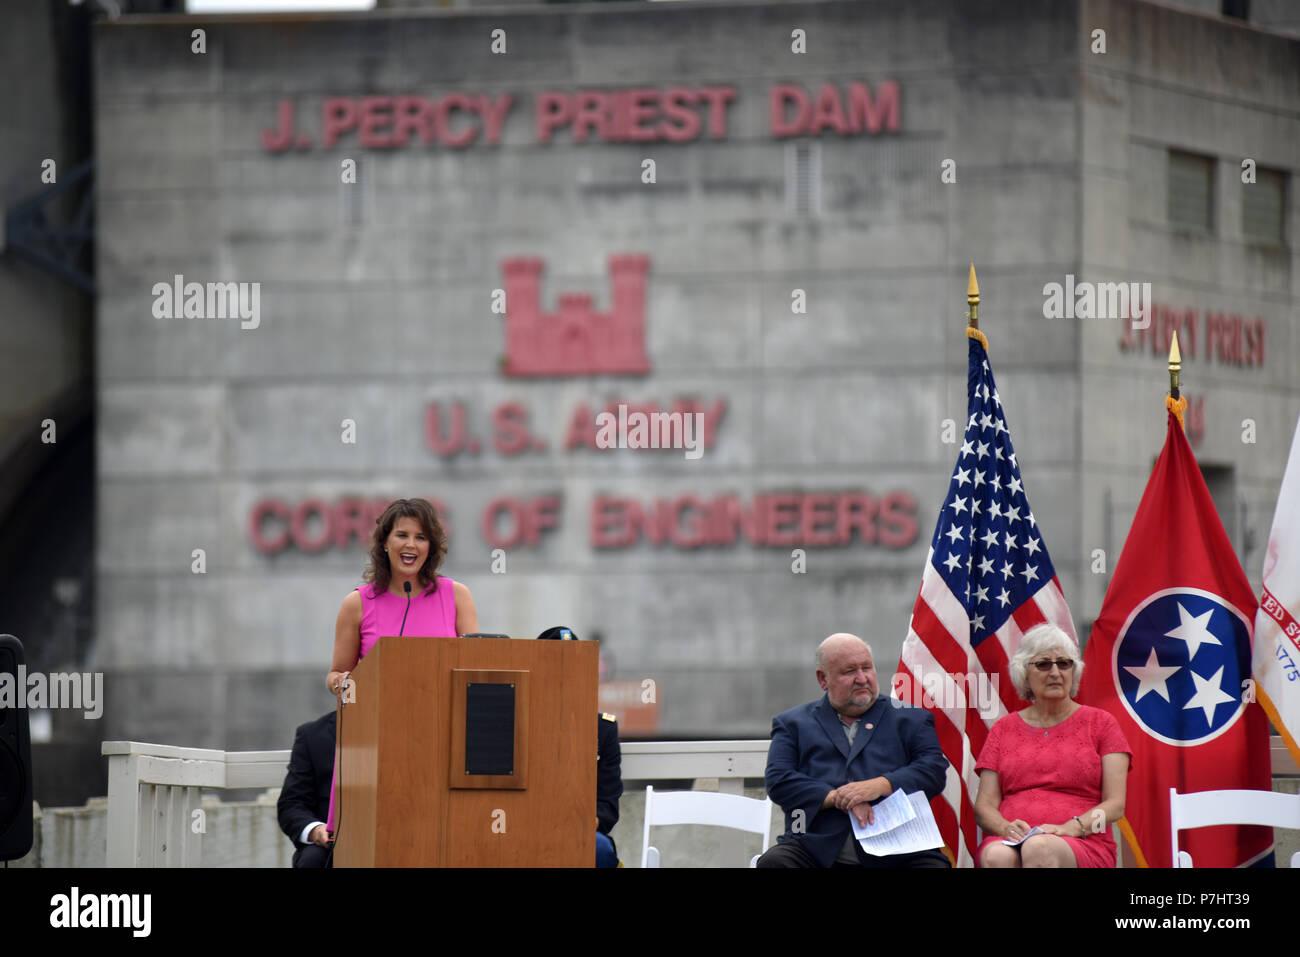 Il sindaco di Smirne Maria Esther Reed parla di impatto del progetto con la sua comunità durante il cinquantesimo anniversario di J. Percy Priest Dam e serbatoio presso la diga di Nashville, Tennessee, il 29 giugno 2018. (USACE Foto di Leon Roberts) Immagini Stock